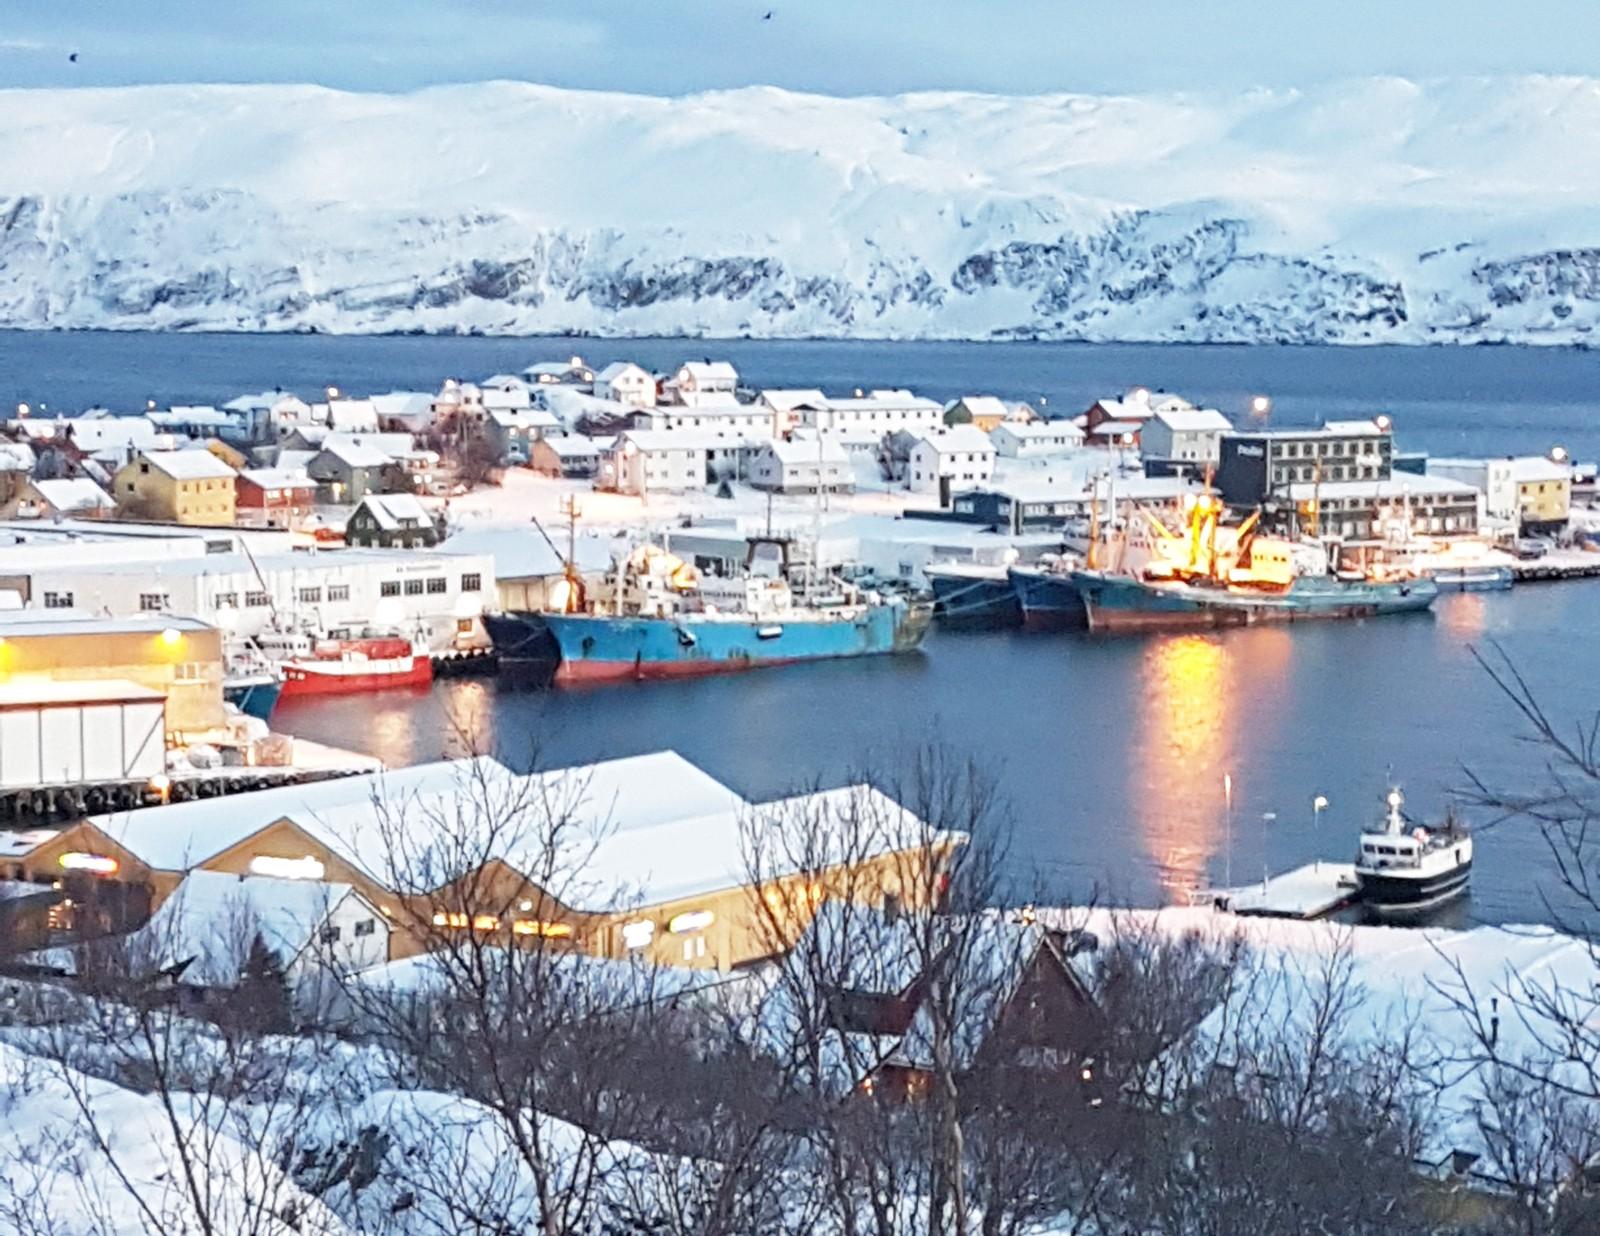 Båtsfjord ligger langs en fjord langt sør og øst for Nordkapp. Like før klokka er ett på dagen seint i november begynte det å mørkne igjen og lyset blir blått.